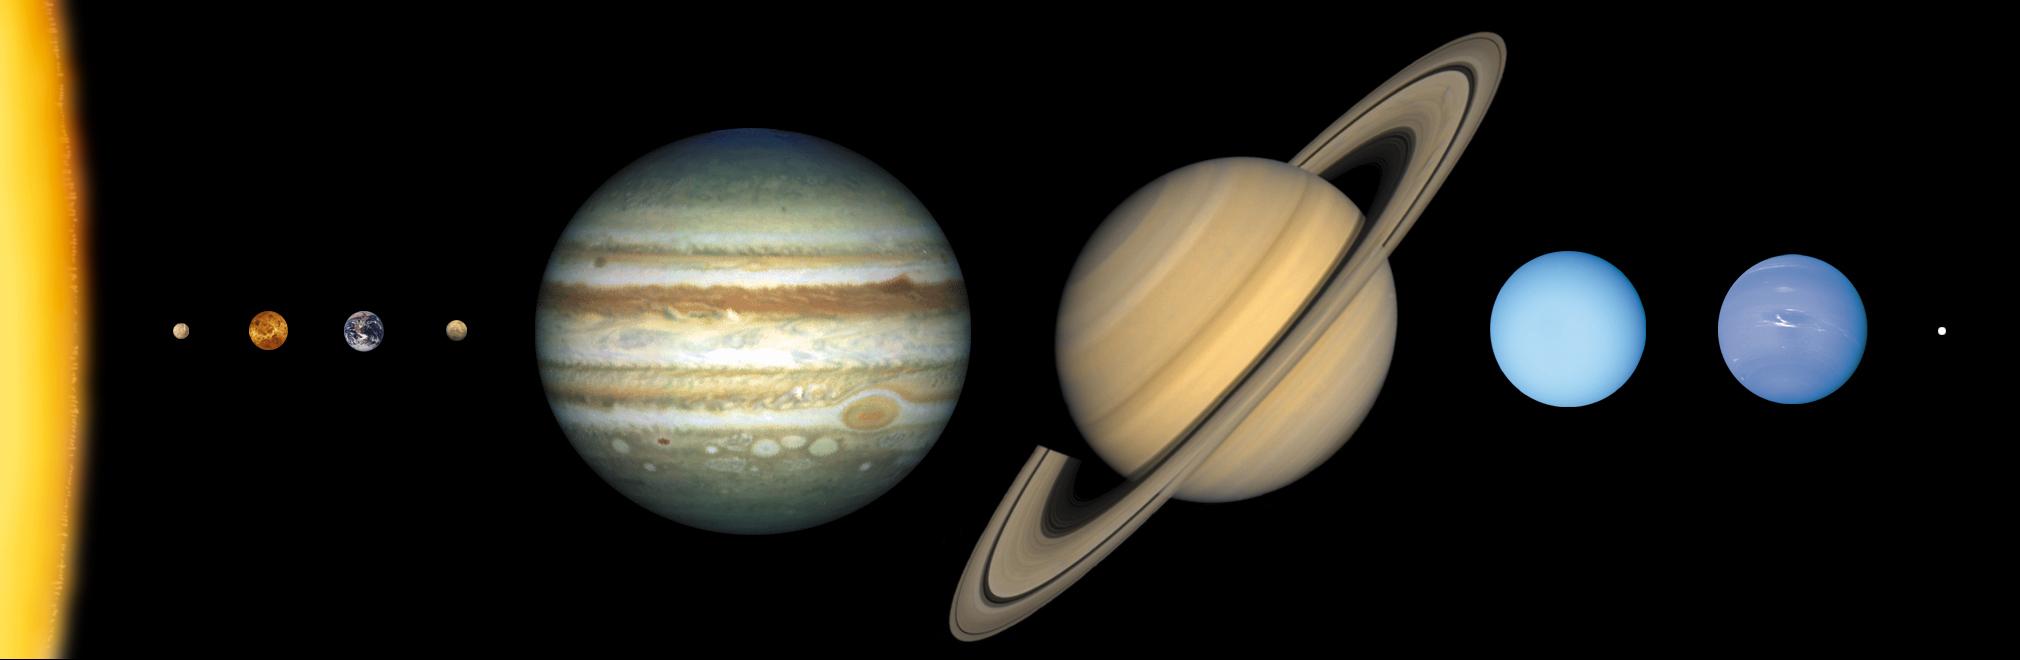 solar system nasa com - photo #37